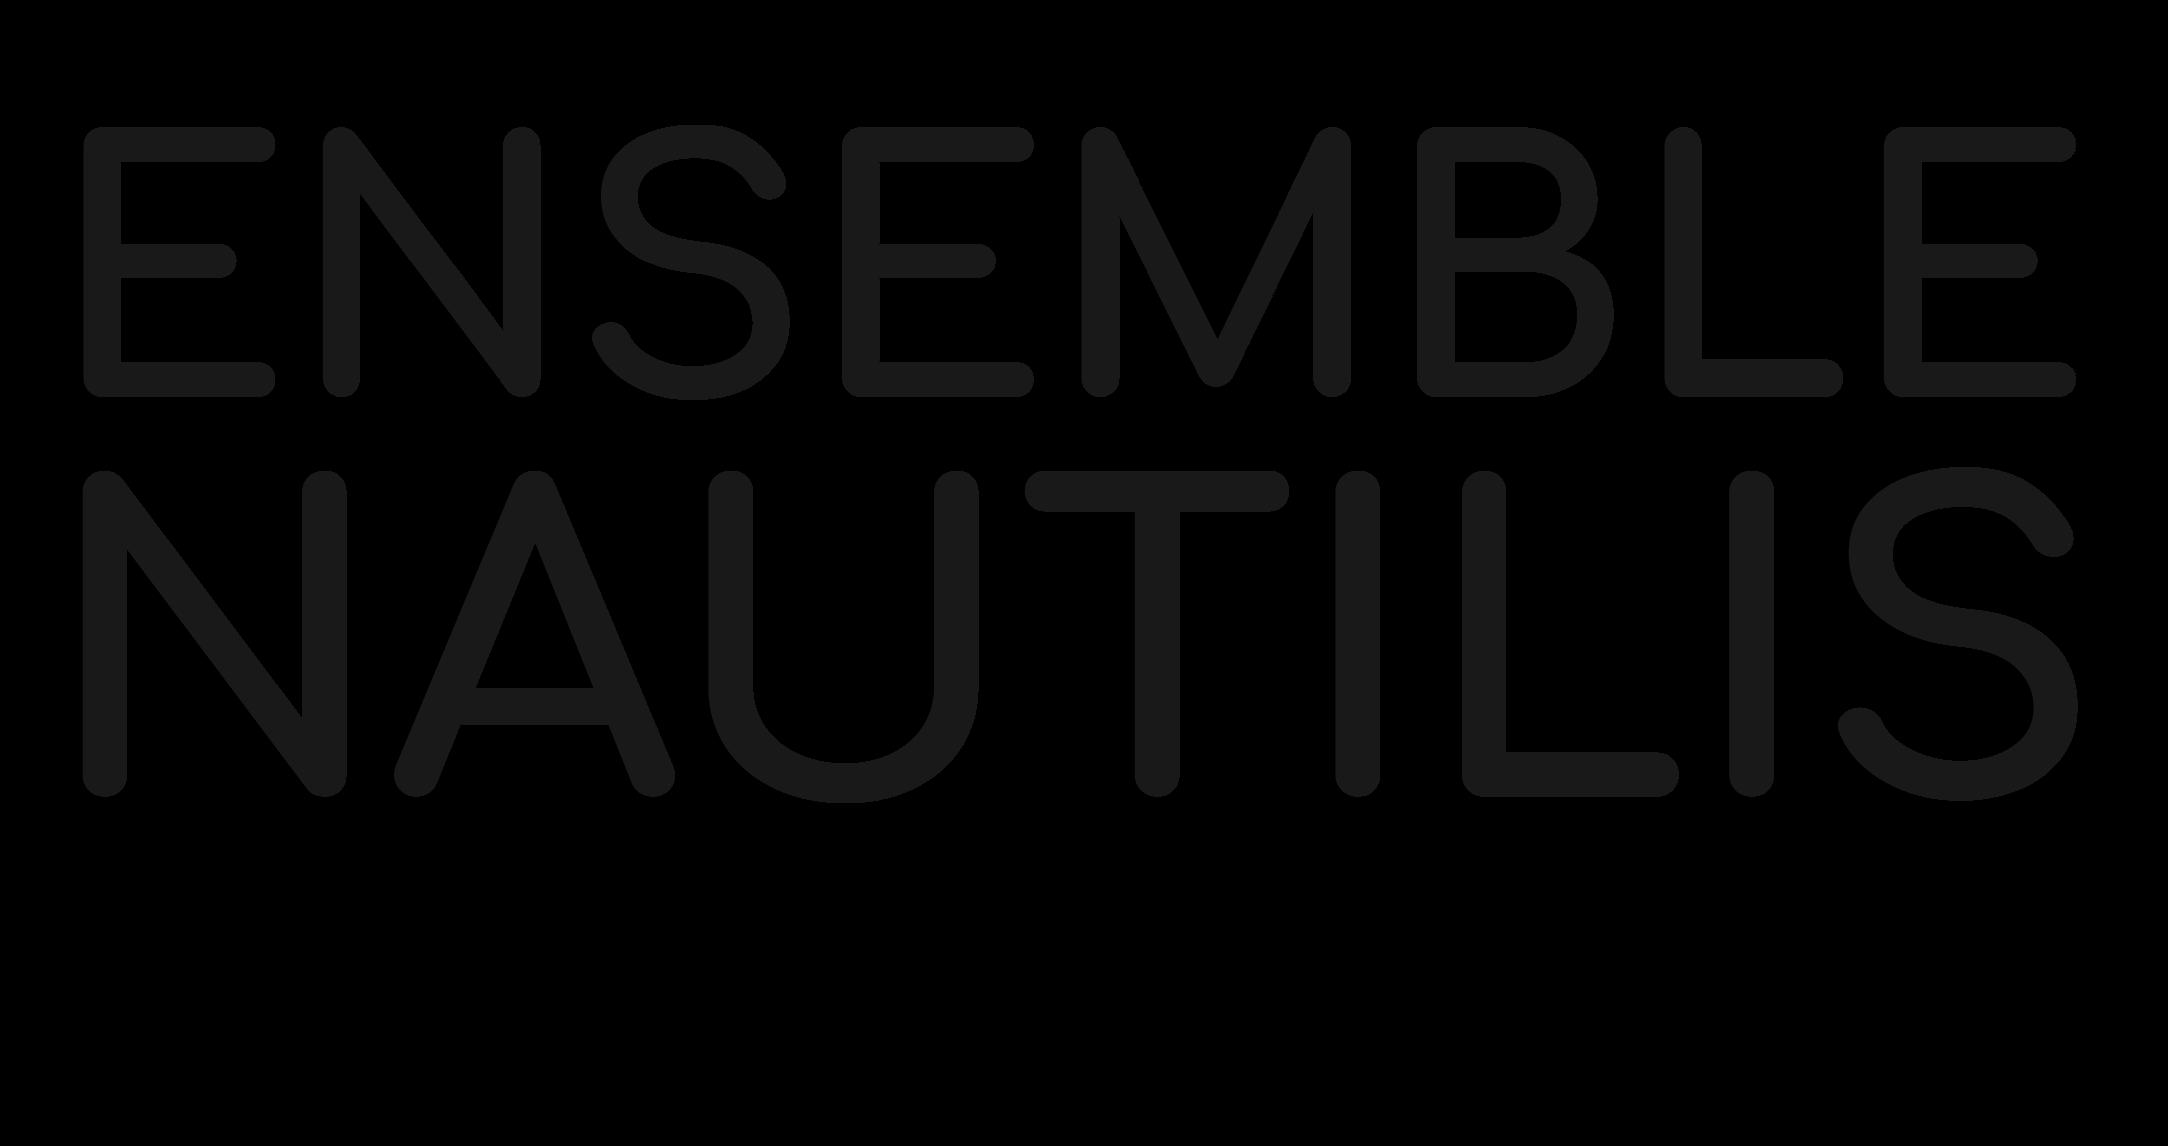 Ensemble Nautilis